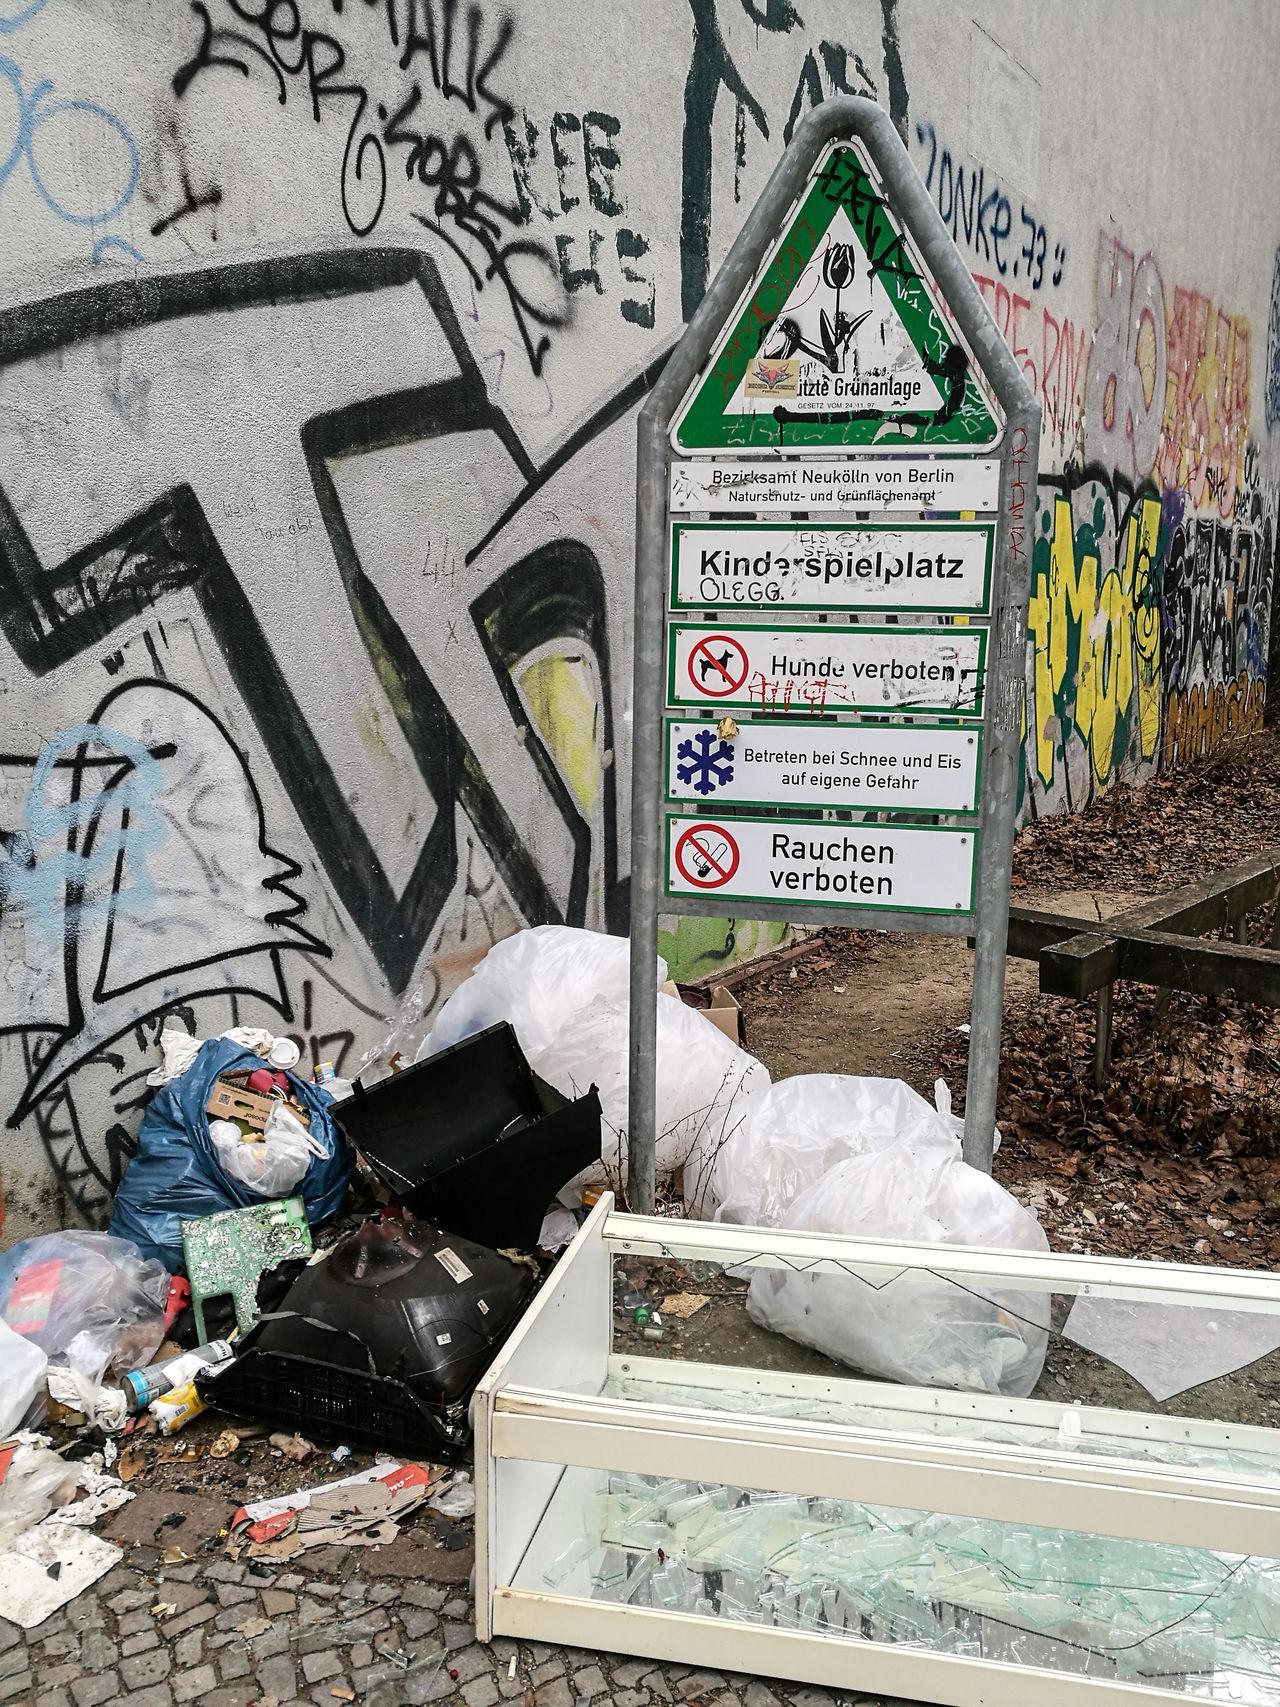 Berlin Berlin Photography Berliner Ansichten Day Dreck Garbage Müll Neukölln Street Text Unhygienic Waste Wasted